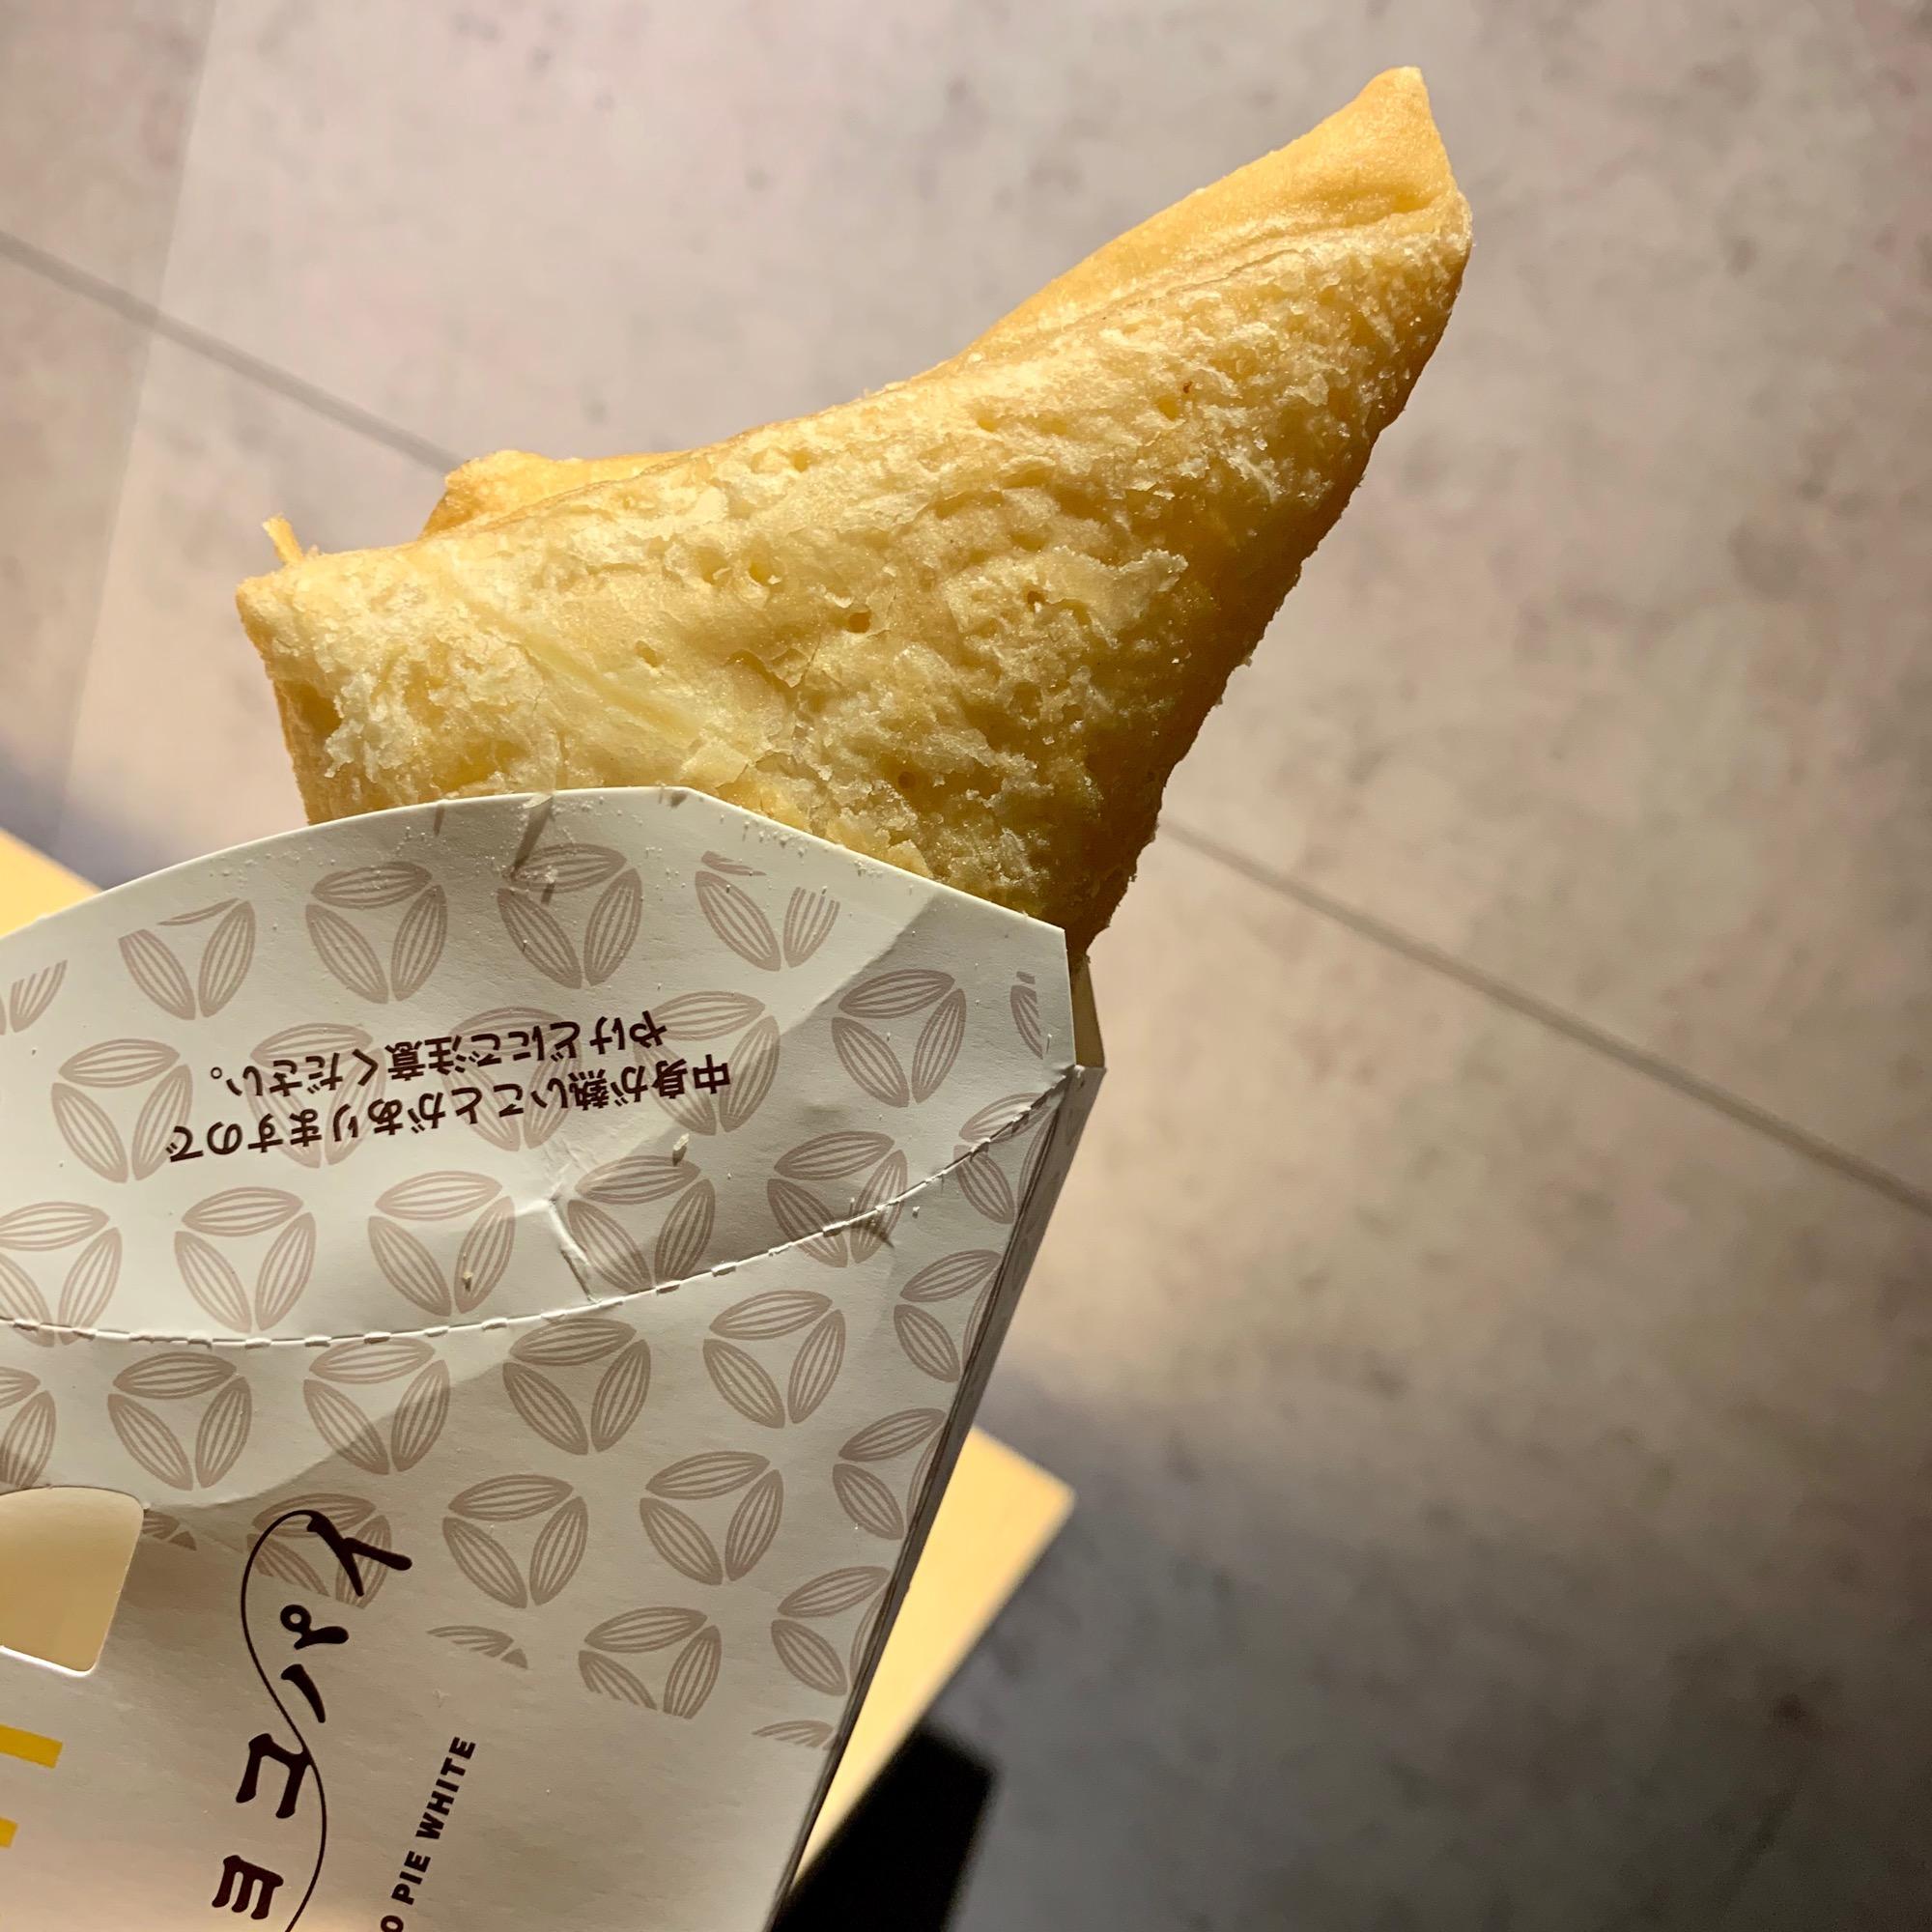 《2年ぶりに待望の復活❤️》【マクドナルド】三角チョコパイ 白が美味しすぎる☻!_2